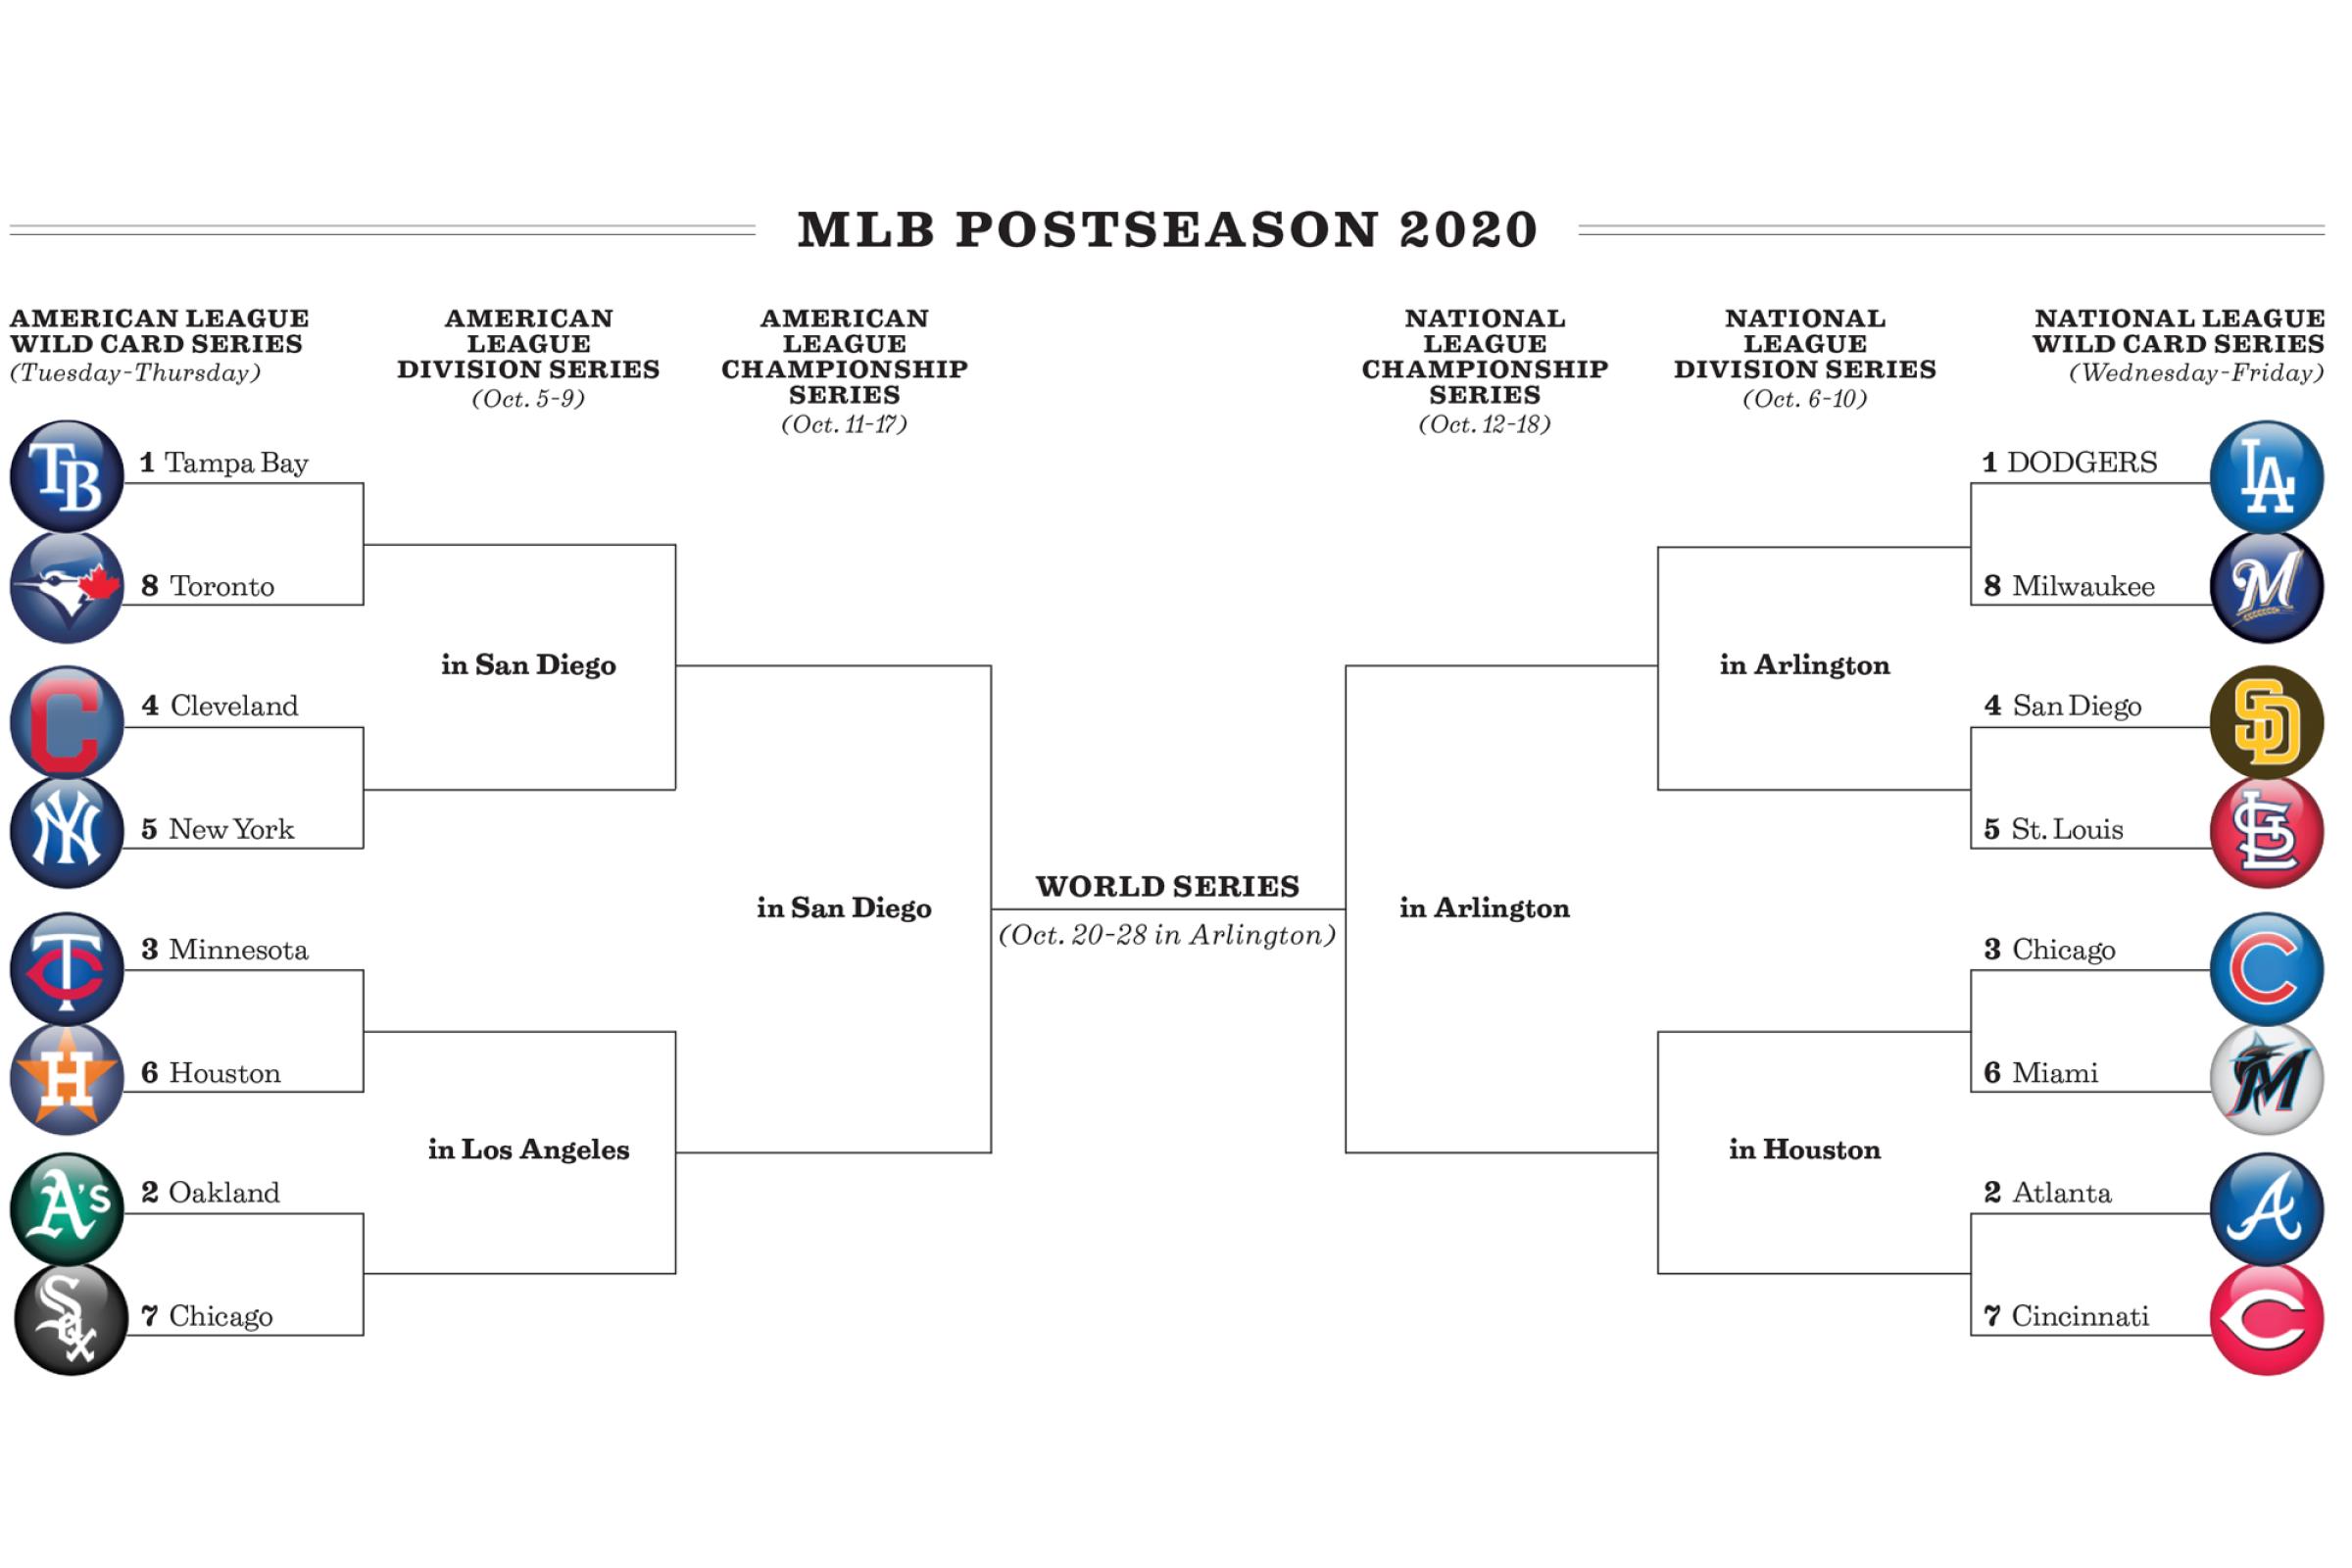 The 2020 MLB postseason bracket.